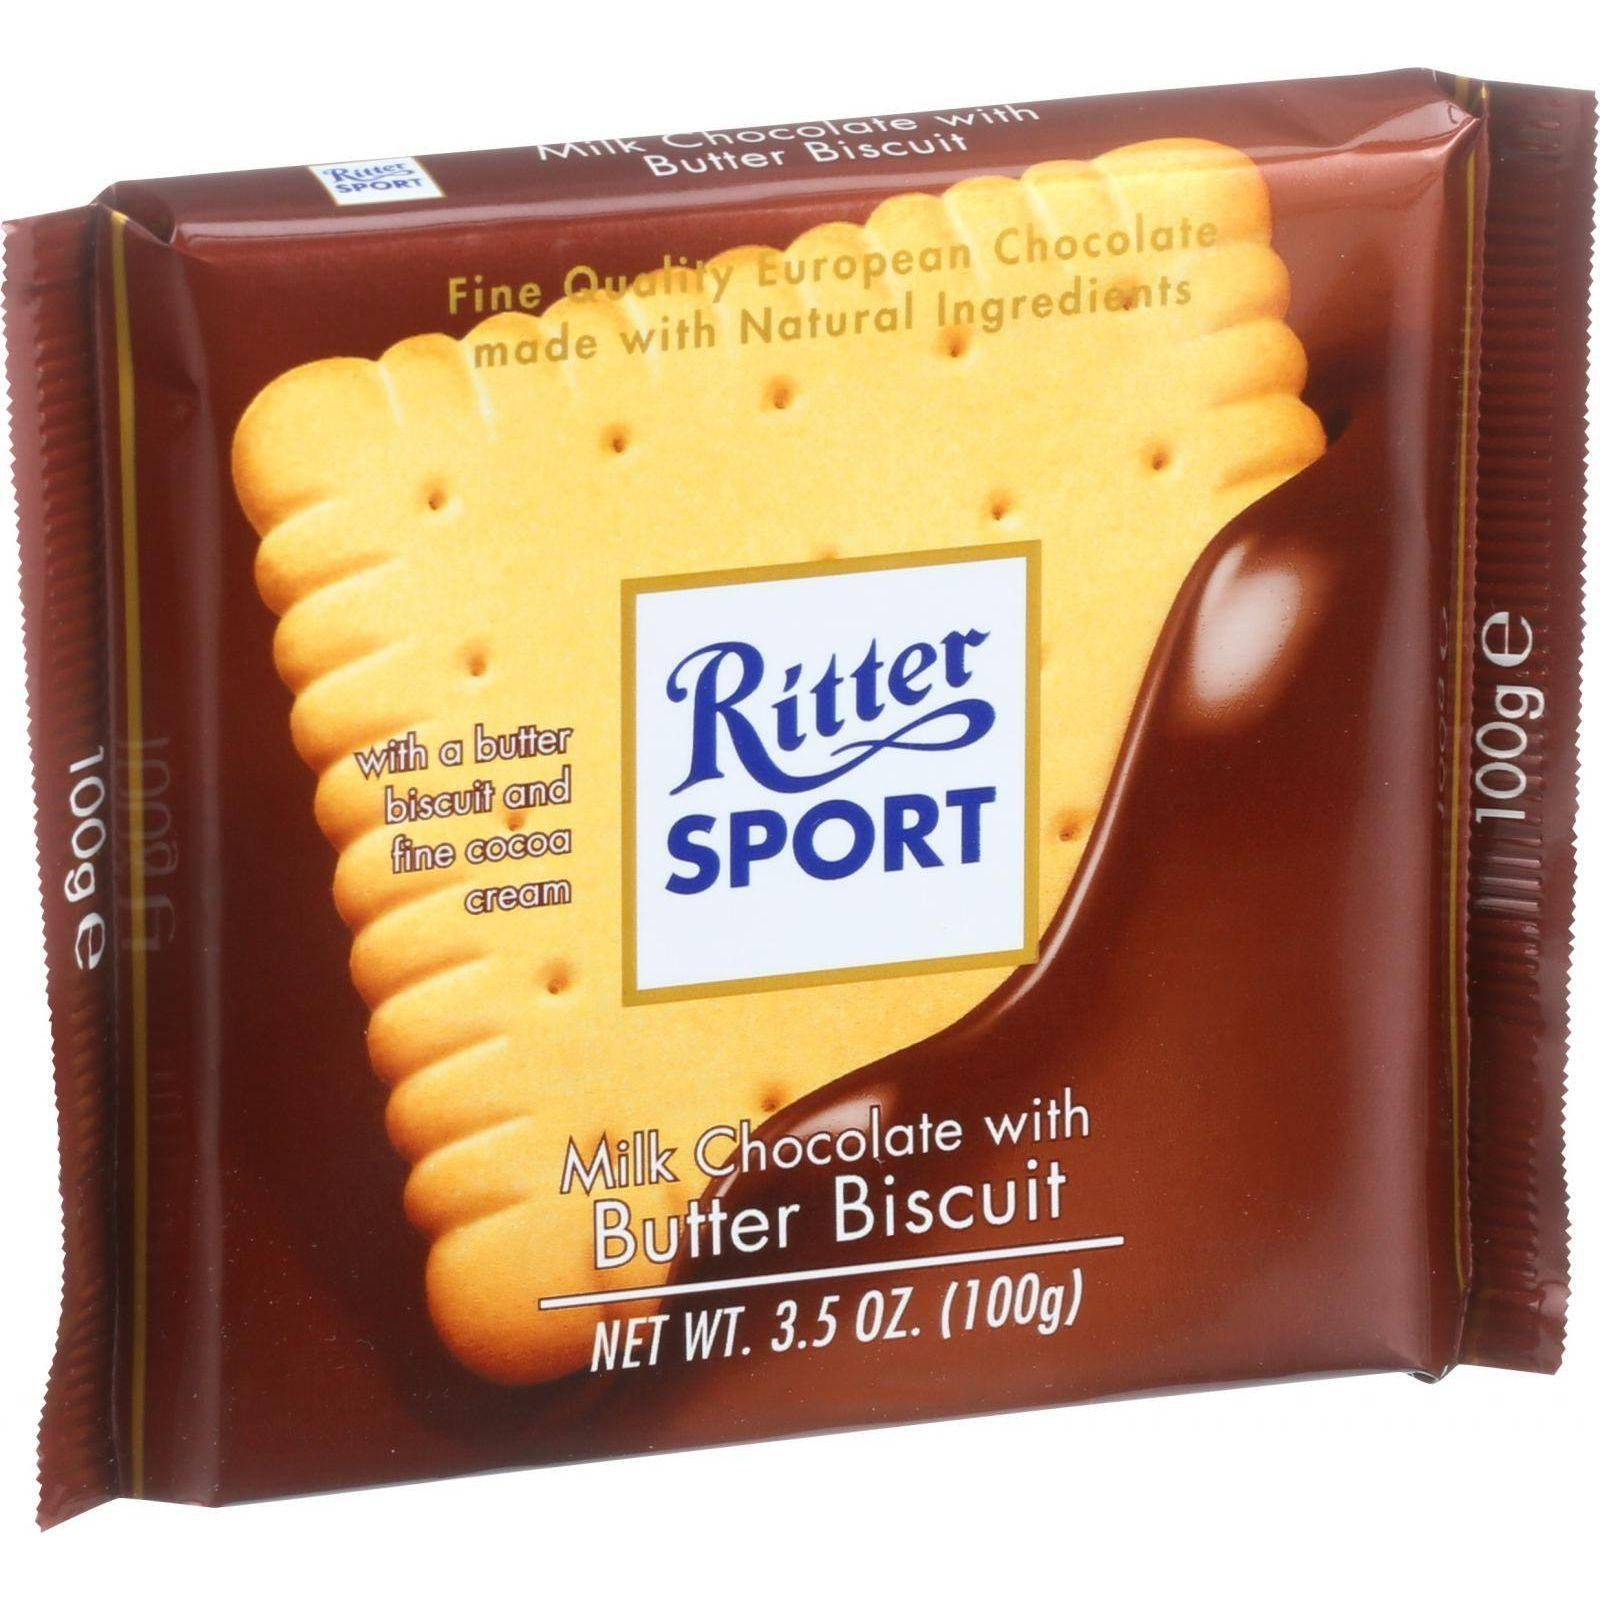 Ritter Sport Chocolate Bar Milk Chocolate Butter